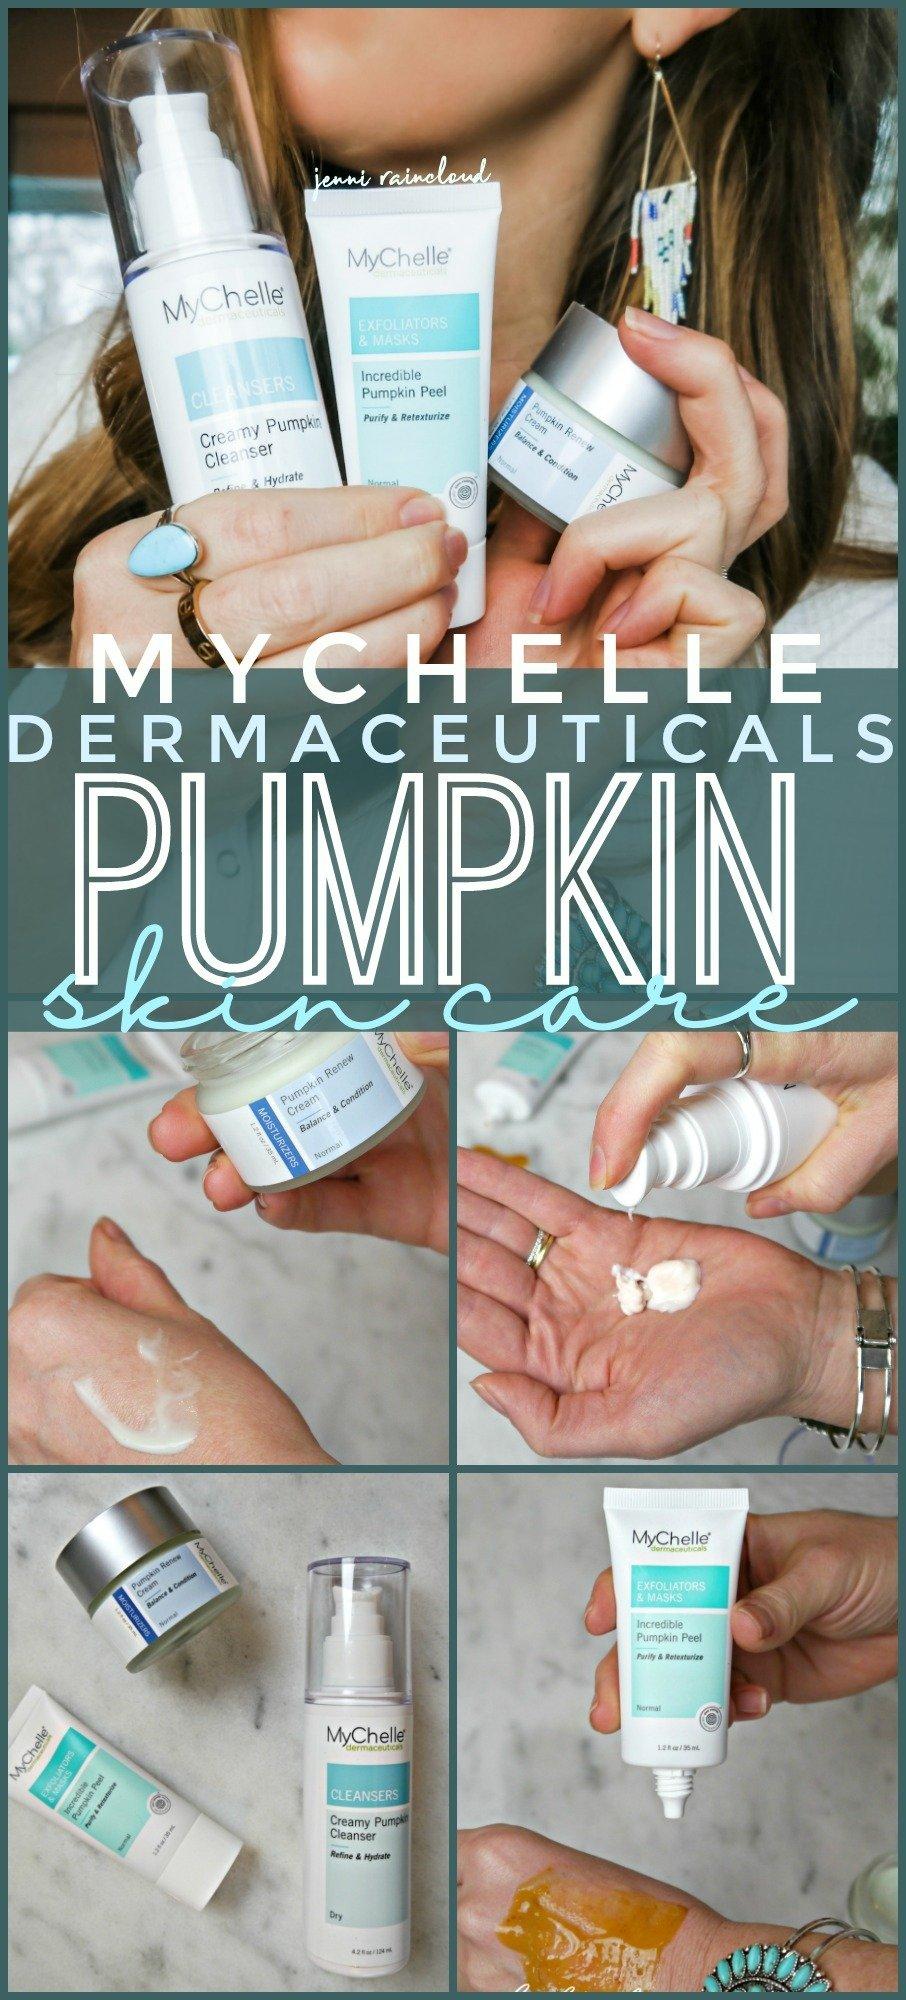 MyChelle Dermaceuticals Pumpkin Skin Care